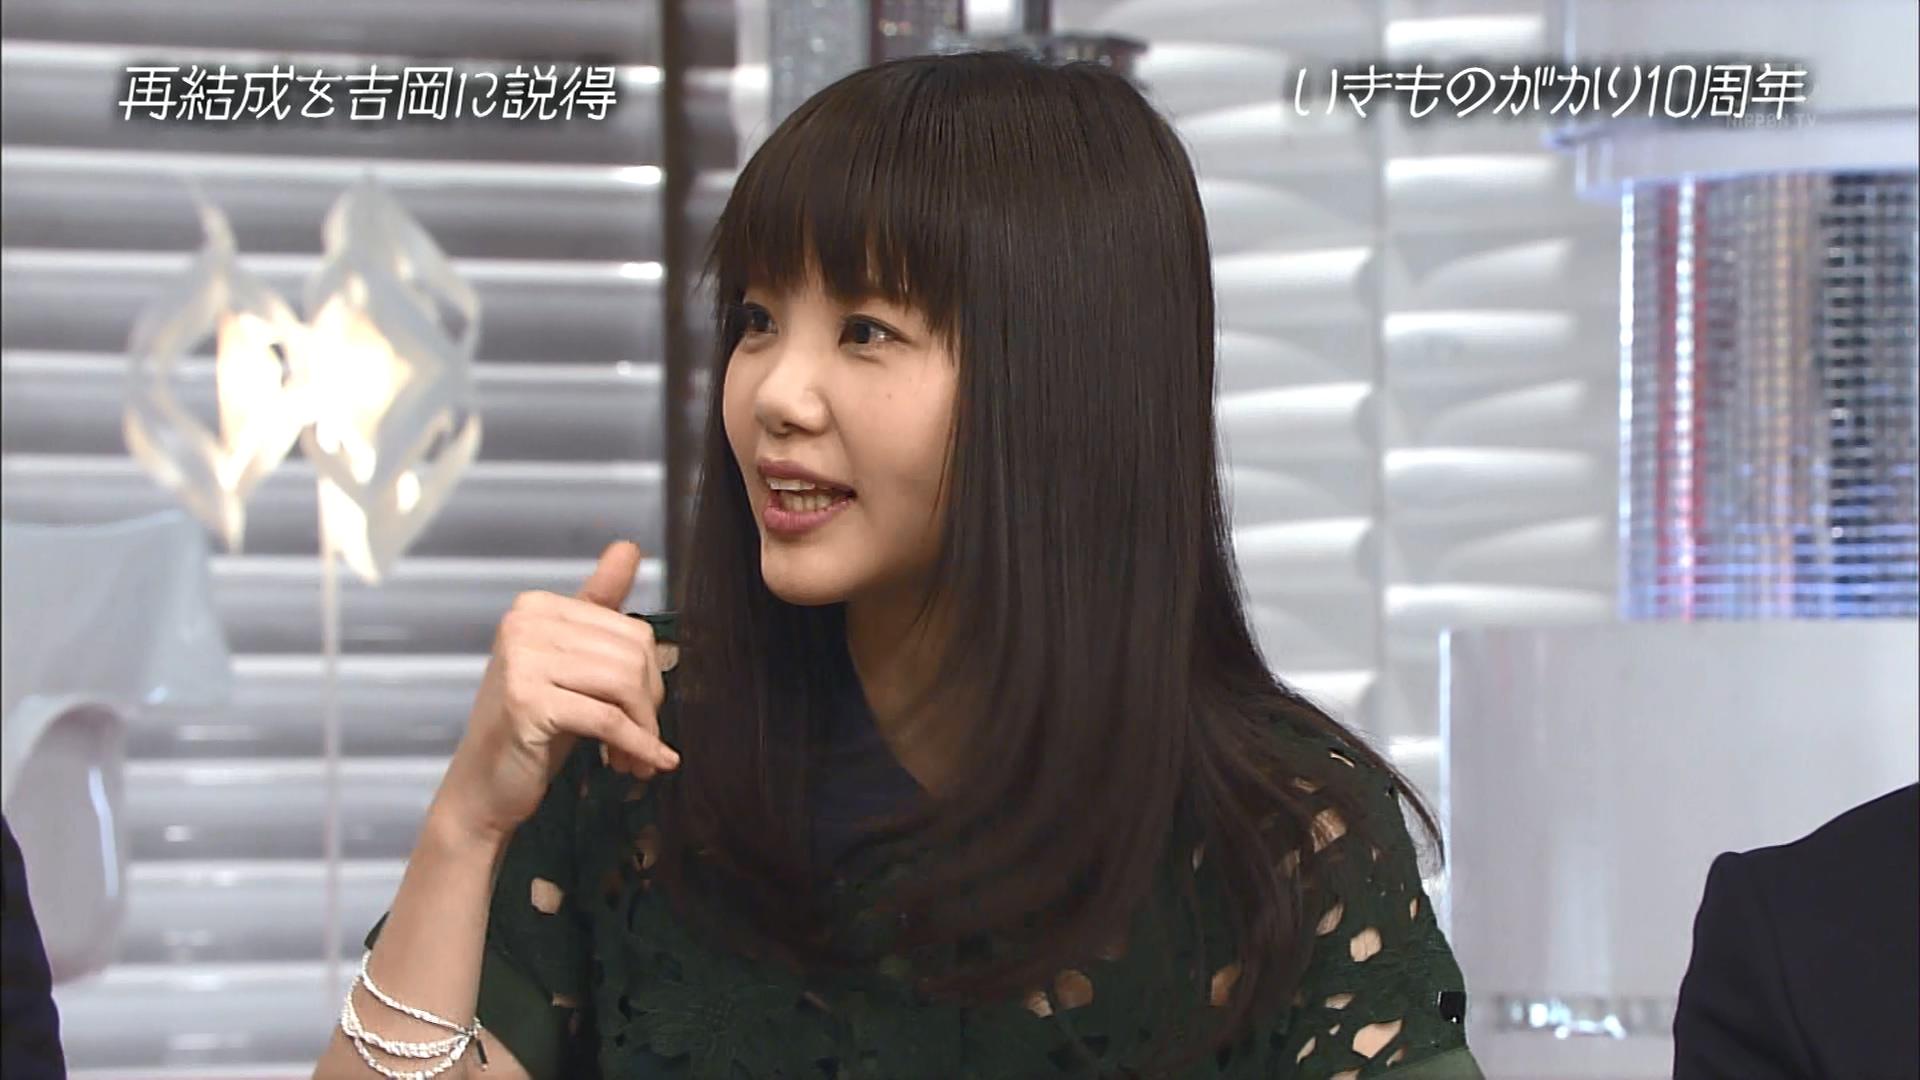 2016.03.13 全場(おしゃれイズム).ts_20160313_225407.647